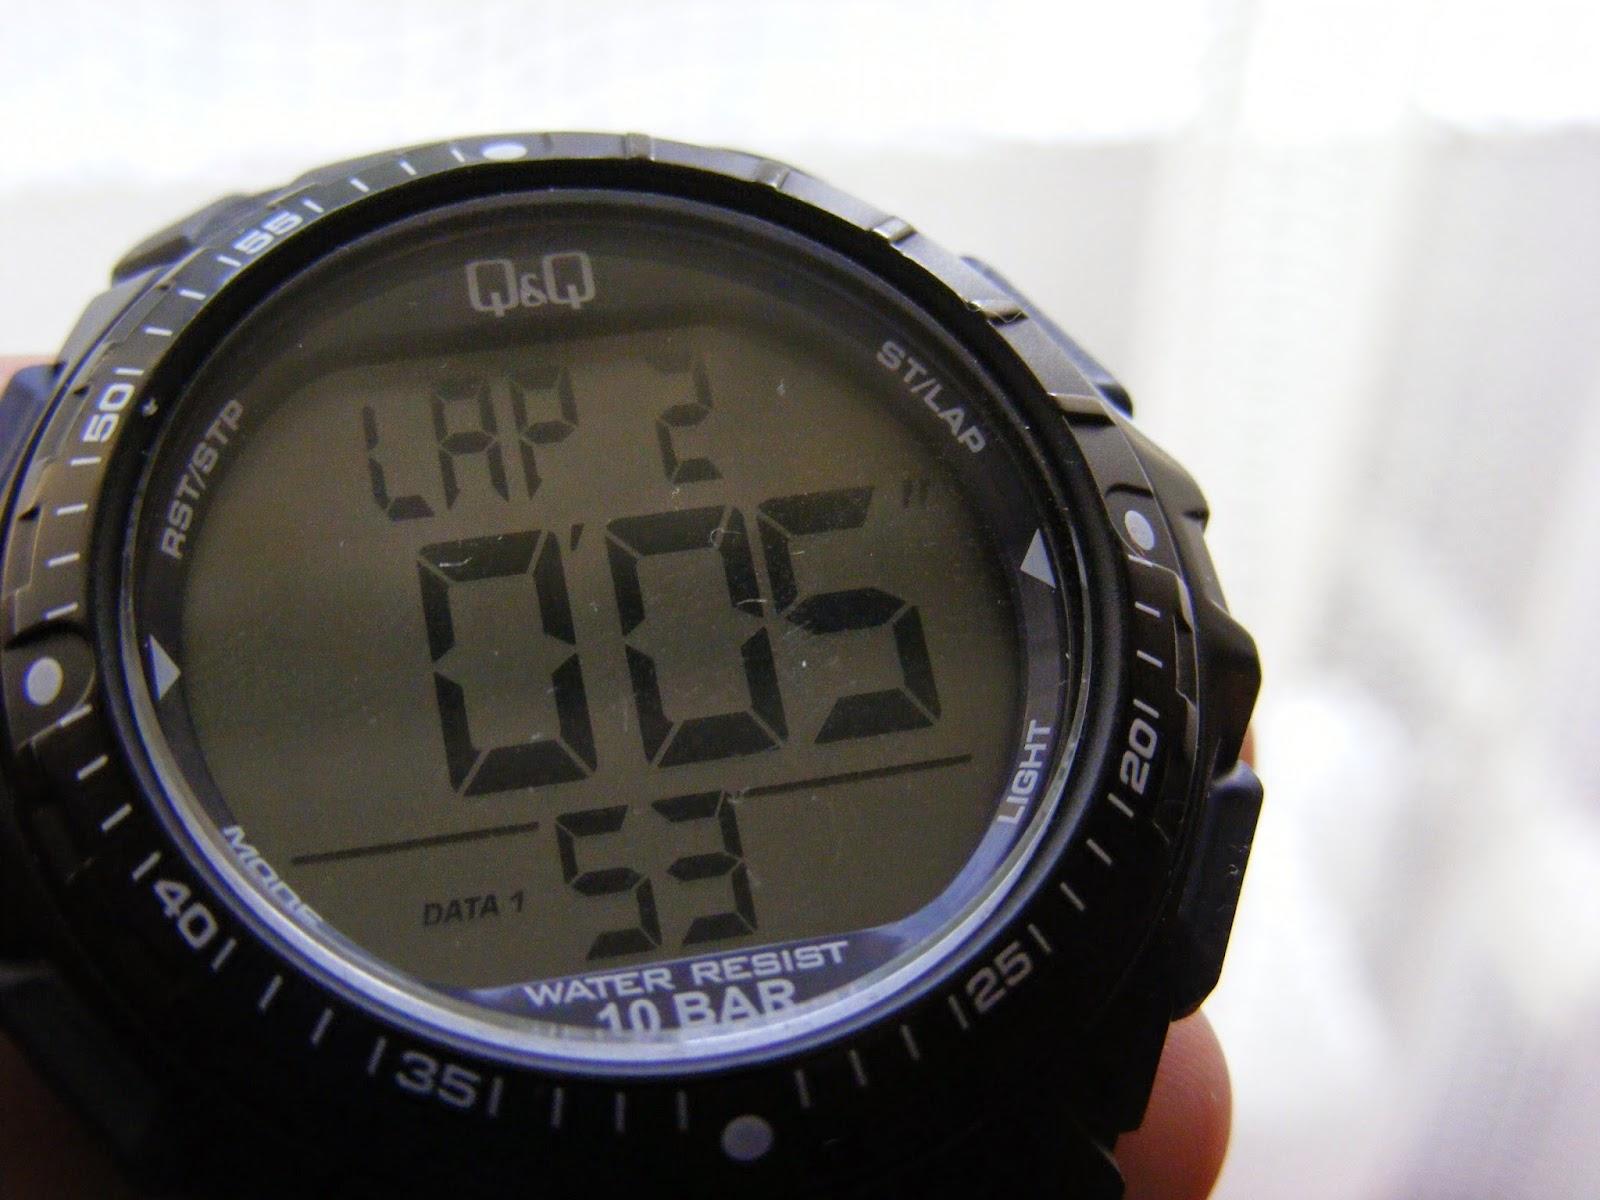 sport digital watch lap